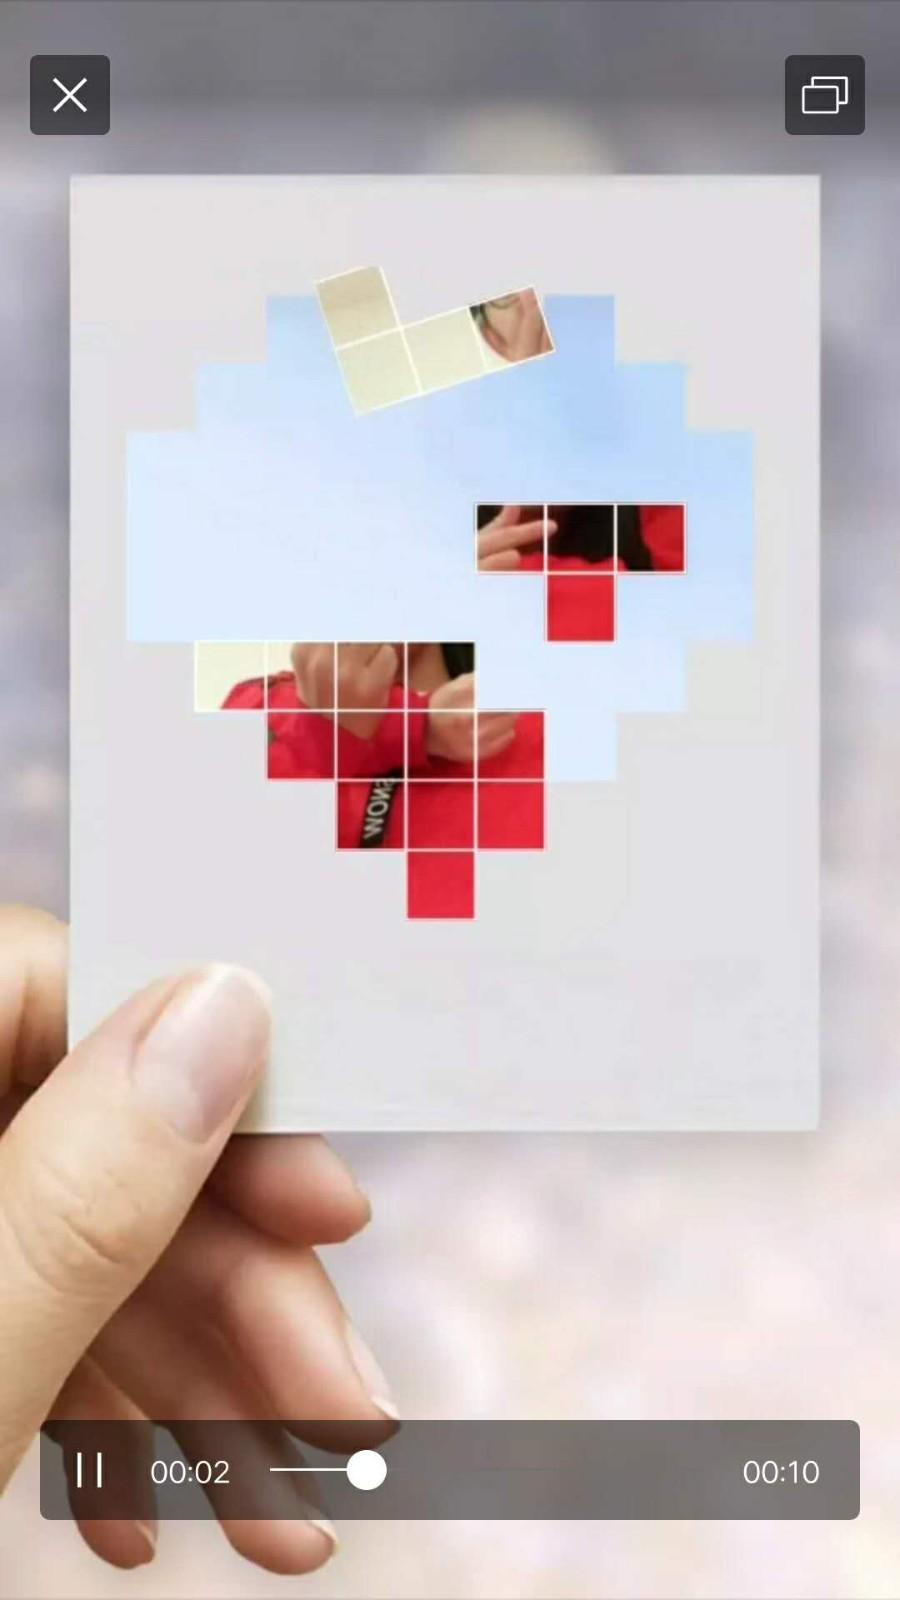 请问有谁会制作这个格式的视频,把一张照片分成一个爱心的九宫格图片